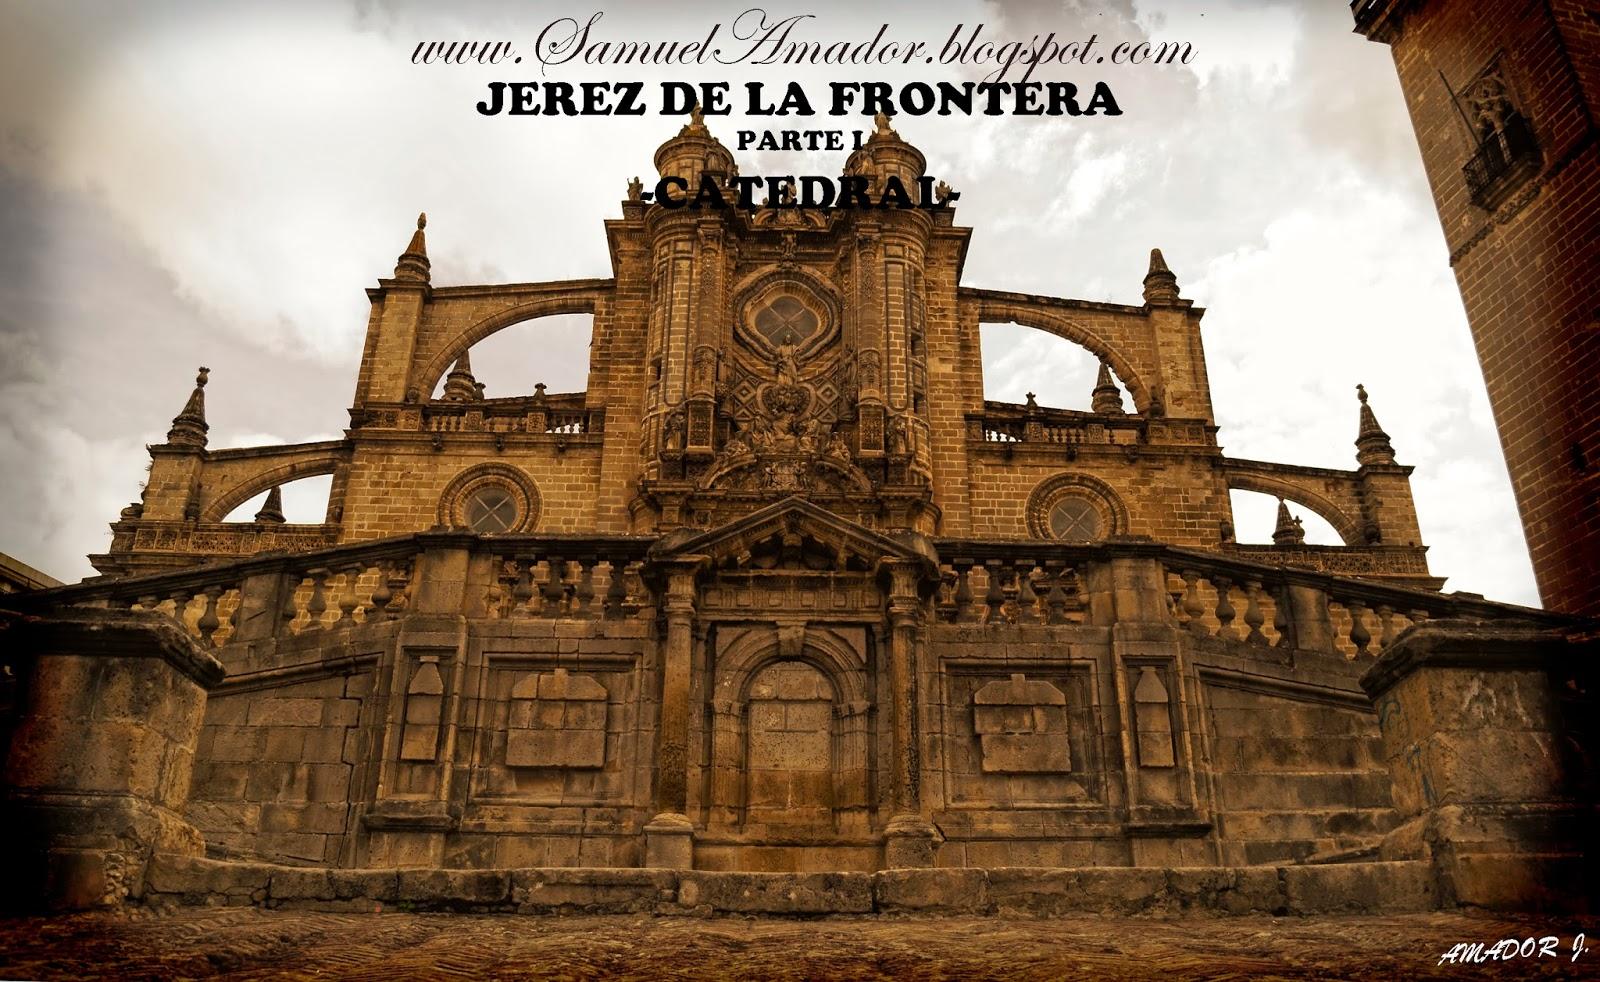 Jerez de la frontera c diz parte i catedral for En jerez de la frontera